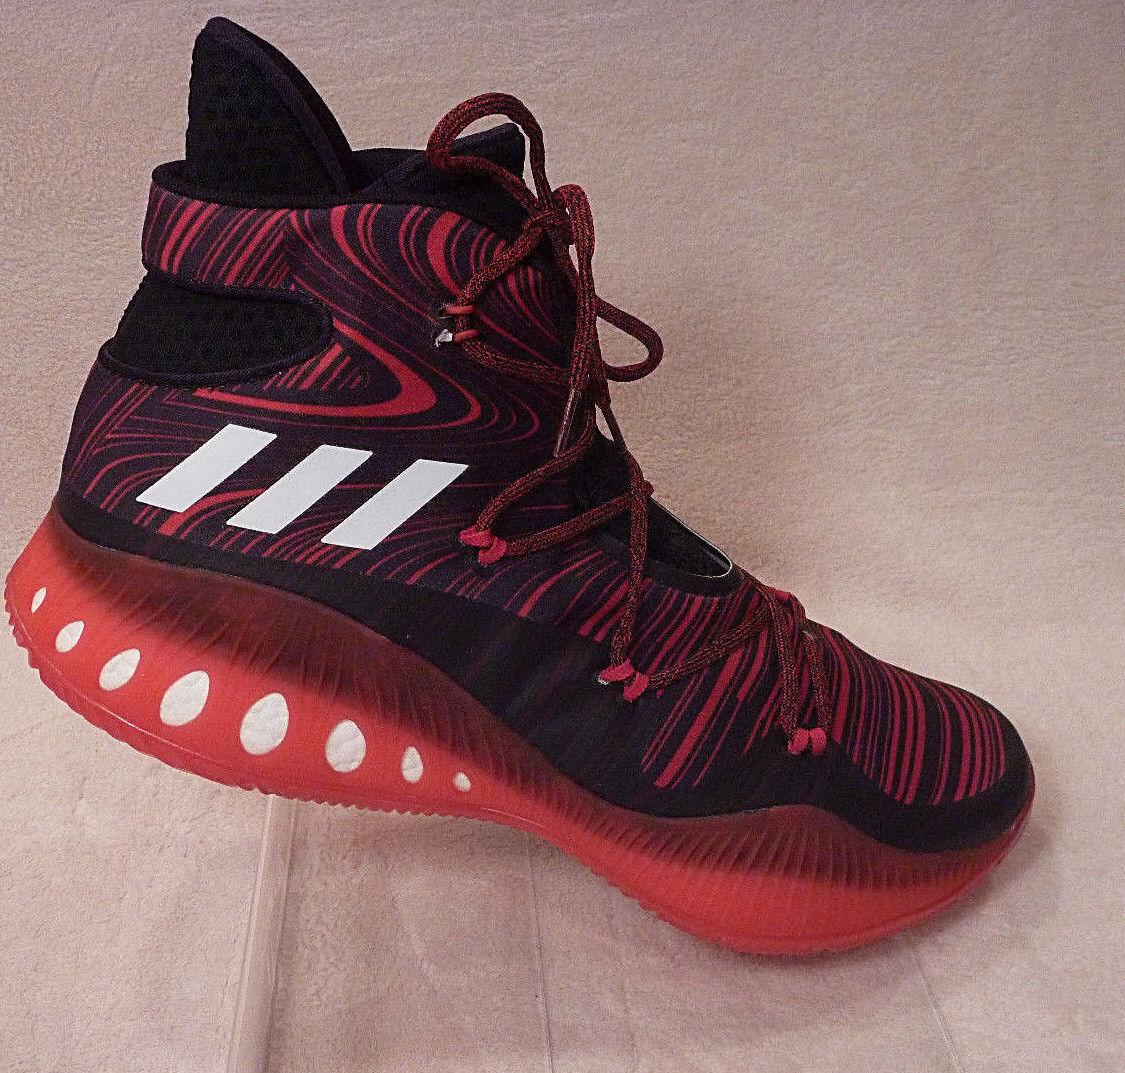 Hombres 17 baloncesto Adidas Zapatos  de baloncesto 17 NBA explosivo SM Crazy B38863 Rojo Negro Boost dbd69d